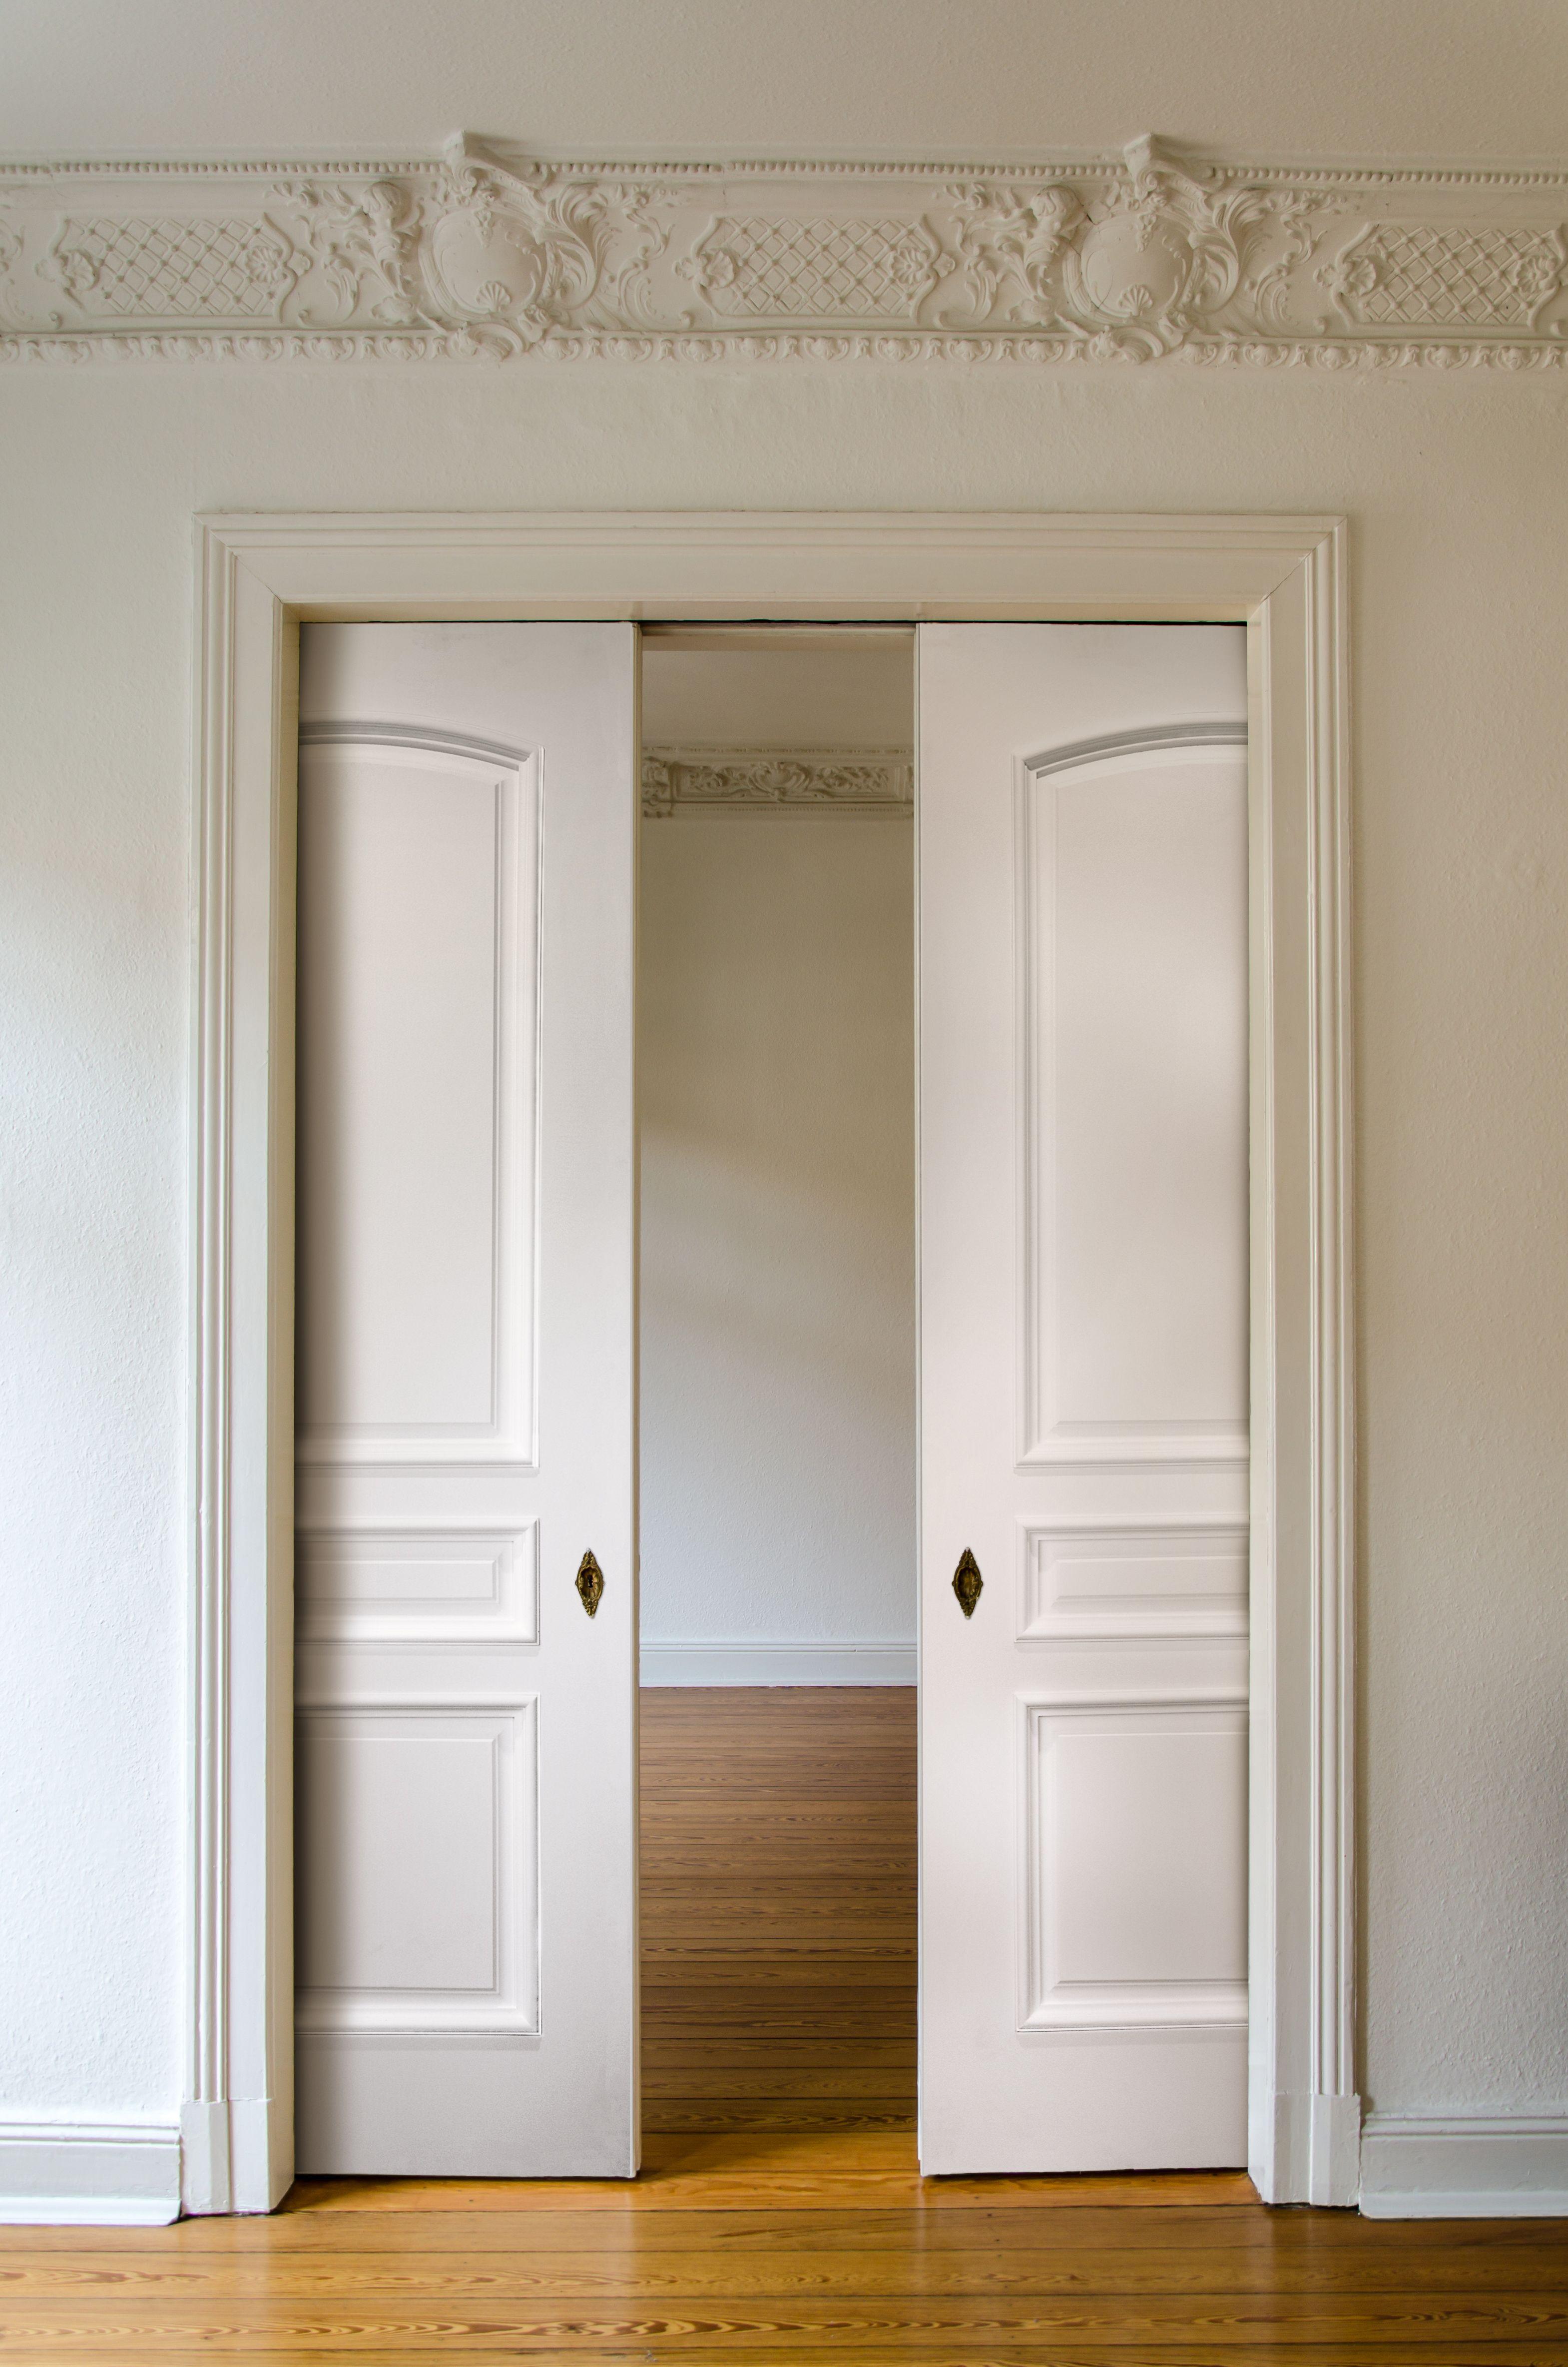 Master bedroom door design  Raised Panel Moulding Pocket Door TL  주택  Pinterest  Pocket